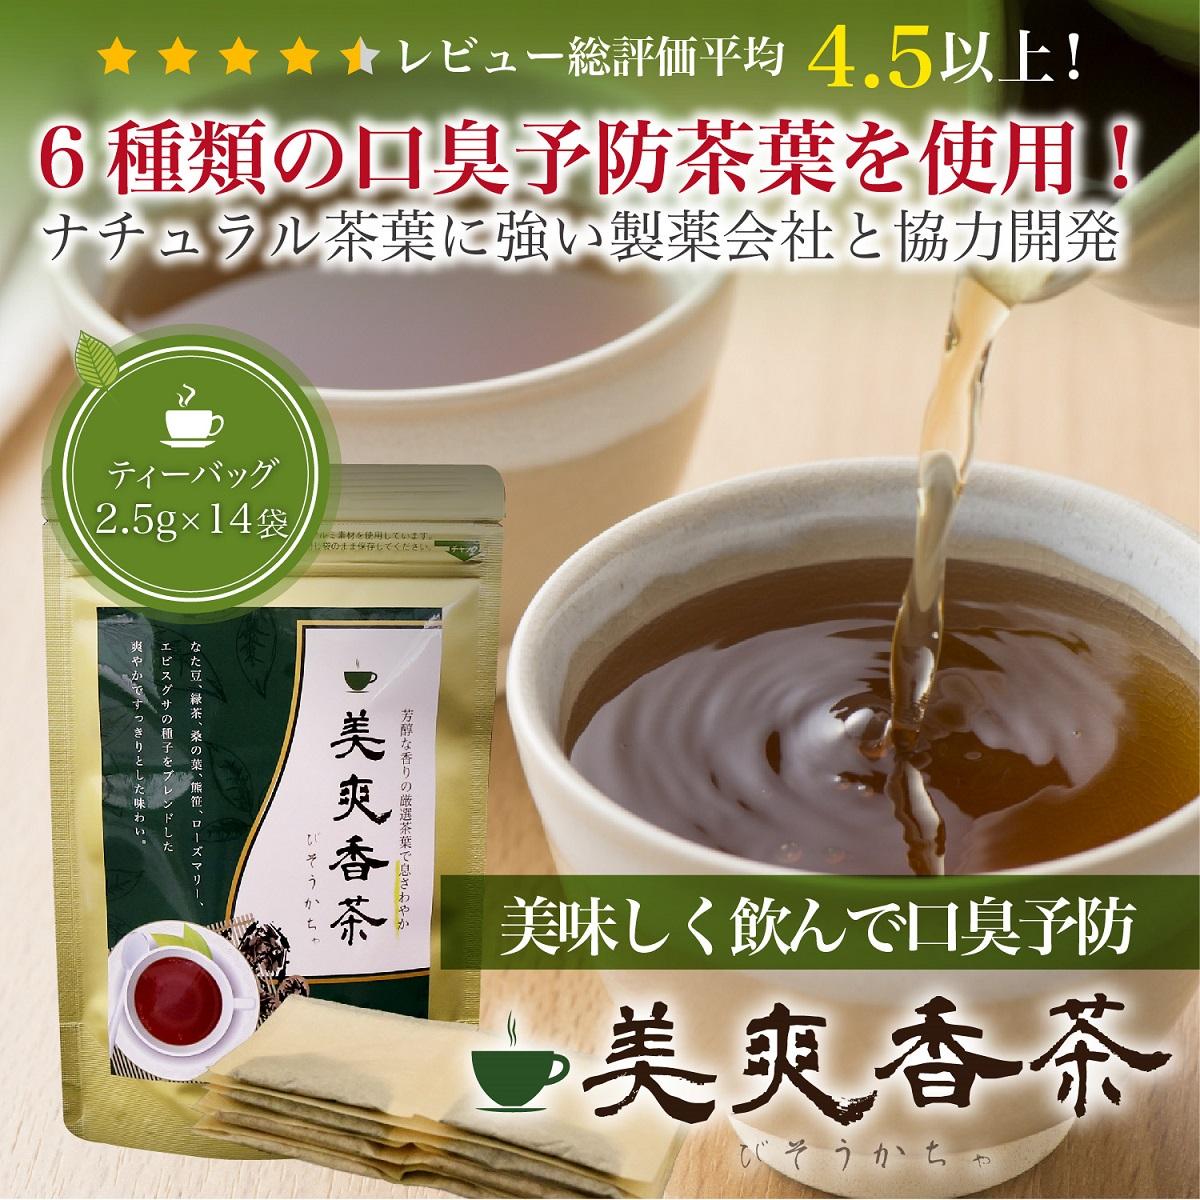 口臭予防美爽香茶(びそうかちゃ)【なた豆茶を含む口臭予防に適した6種類の茶葉をブレンド】口臭茶葉